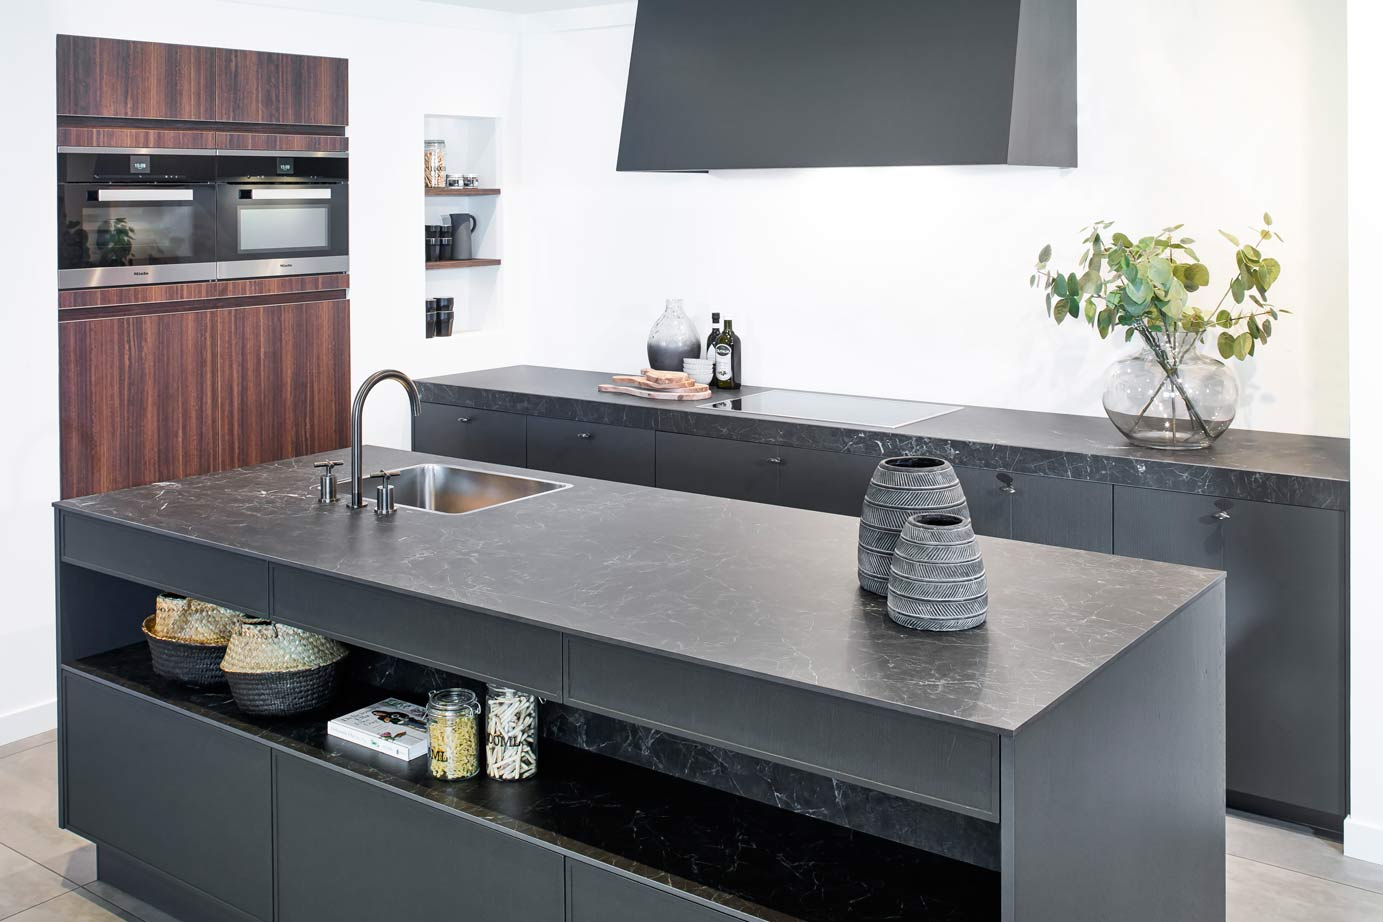 Grijze Houten Keuken : Een grijze keuken luxe uitstraling past bij veel interieurs db